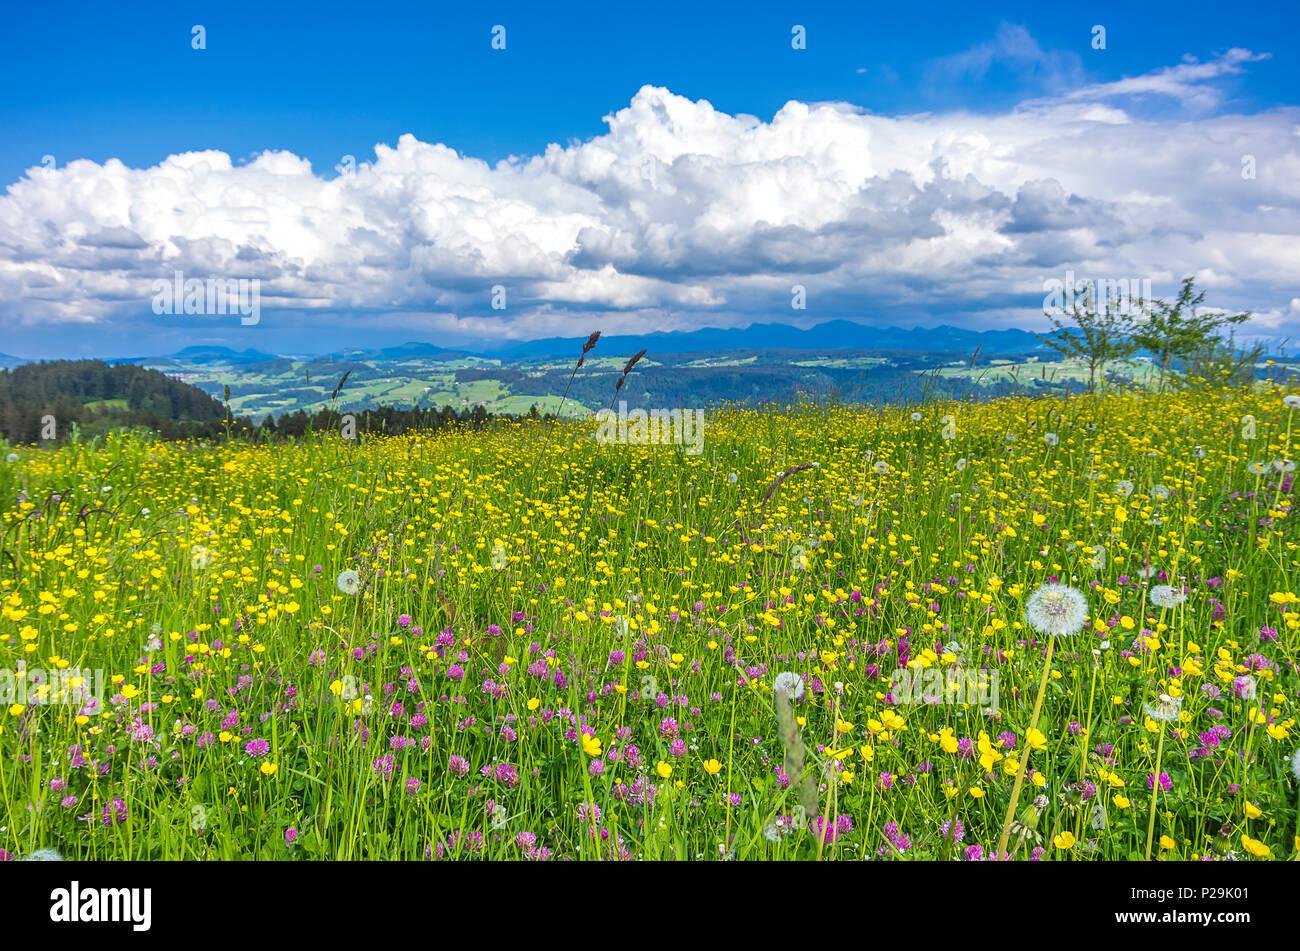 Landschaft mit Heu und Blumenwiese in der Westallgau Region rund um den Ort der Scheidegg in der Nähe von Lindau, Bayern, Deutschland. Stockbild